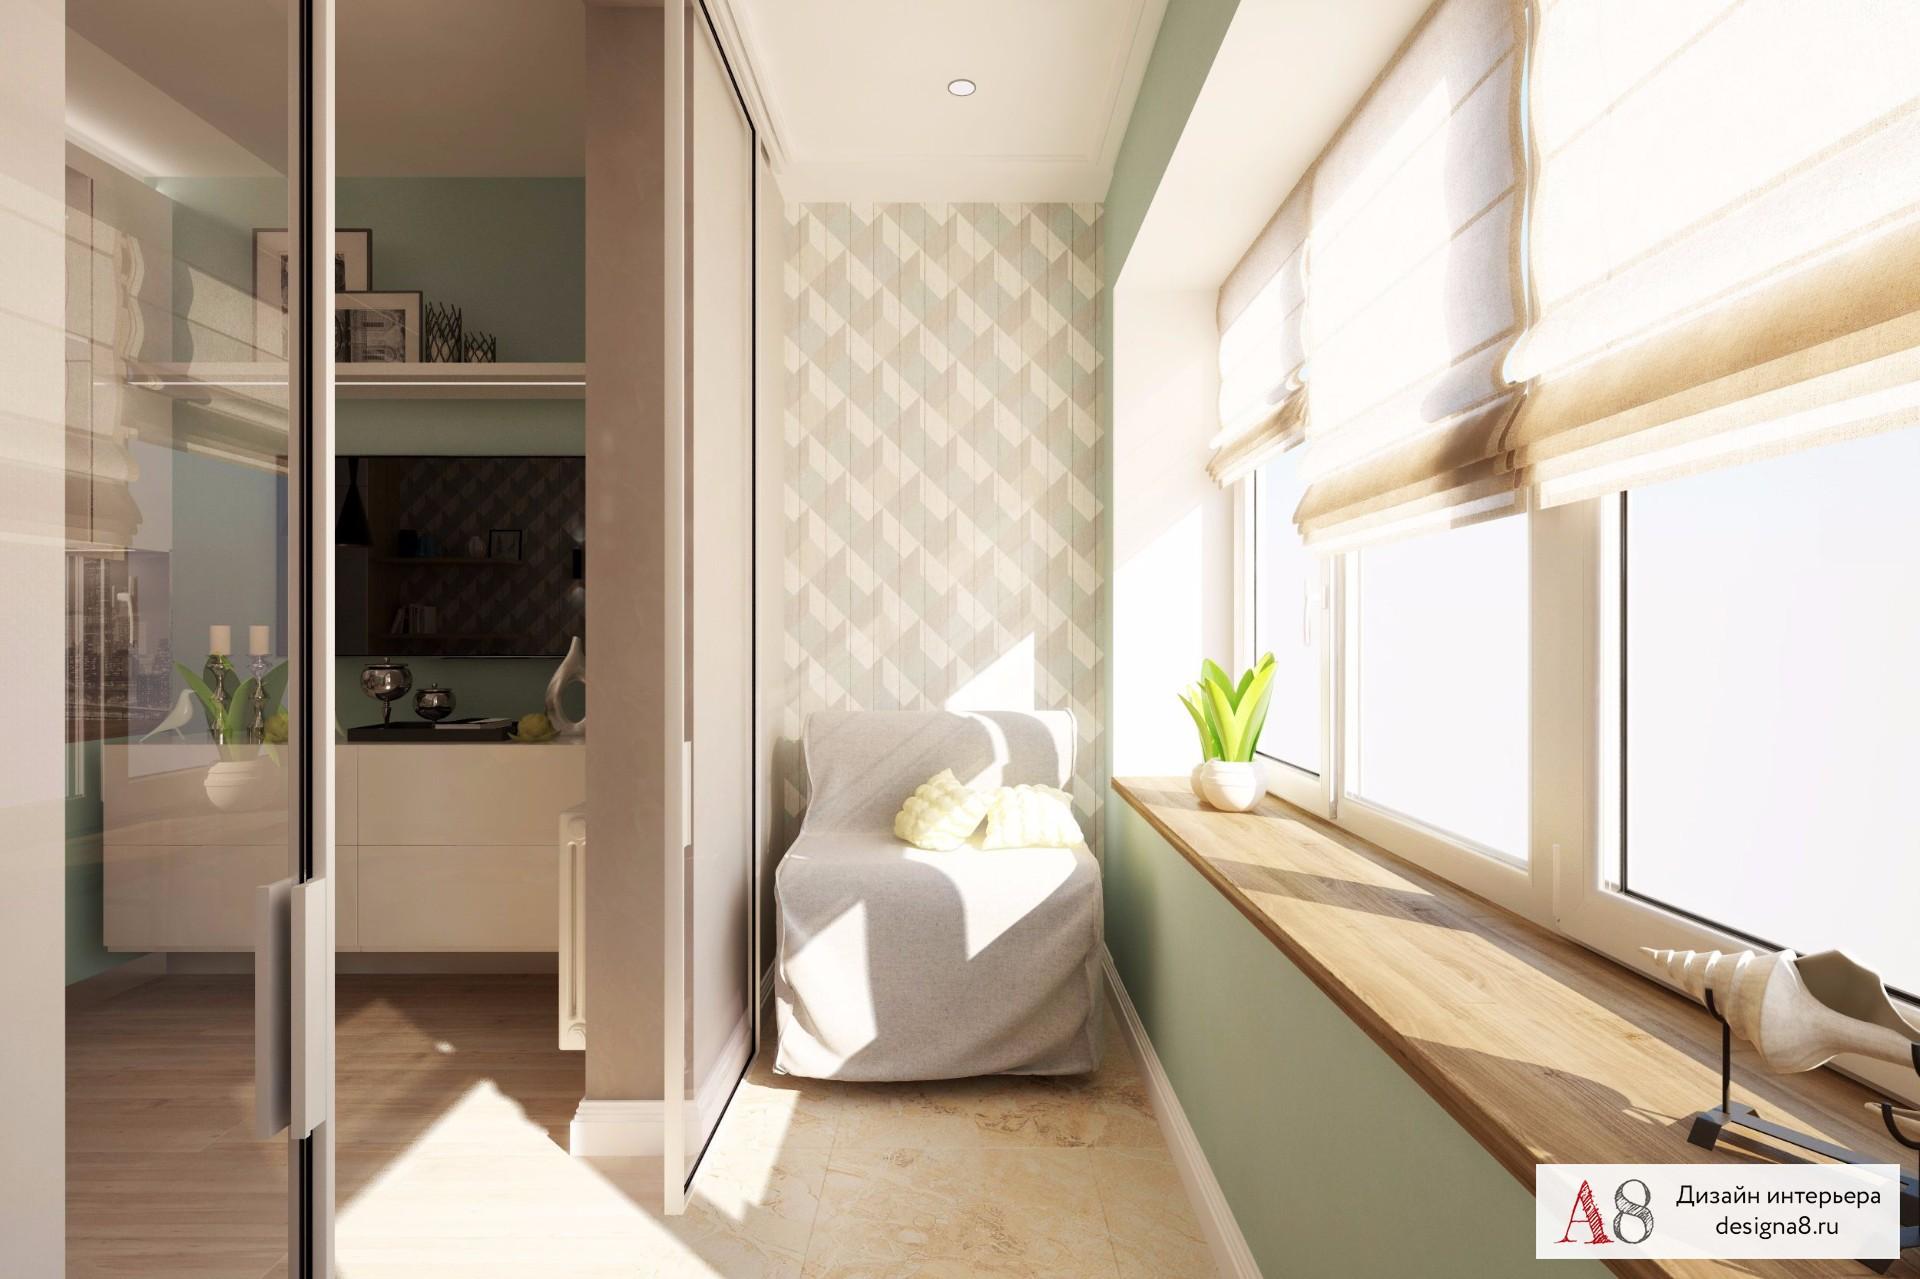 Объединенный балкон с комнатой дизайн.